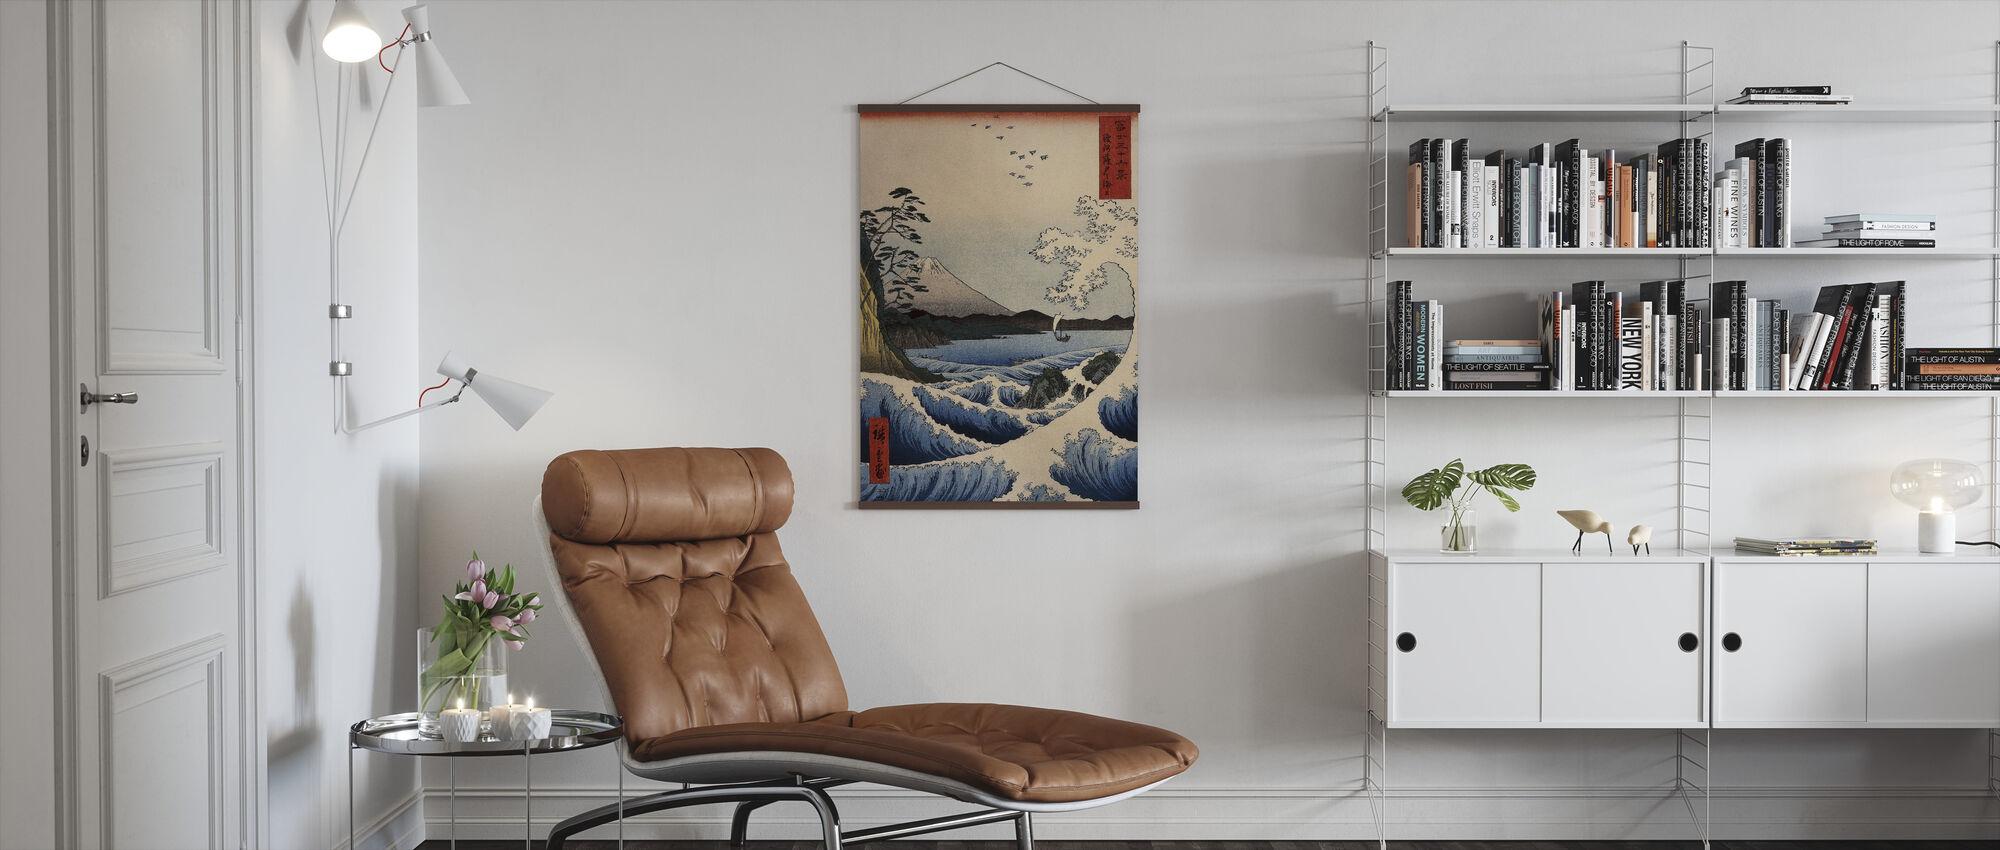 Sea at Satta, Ando Hiroshige - Poster - Living Room